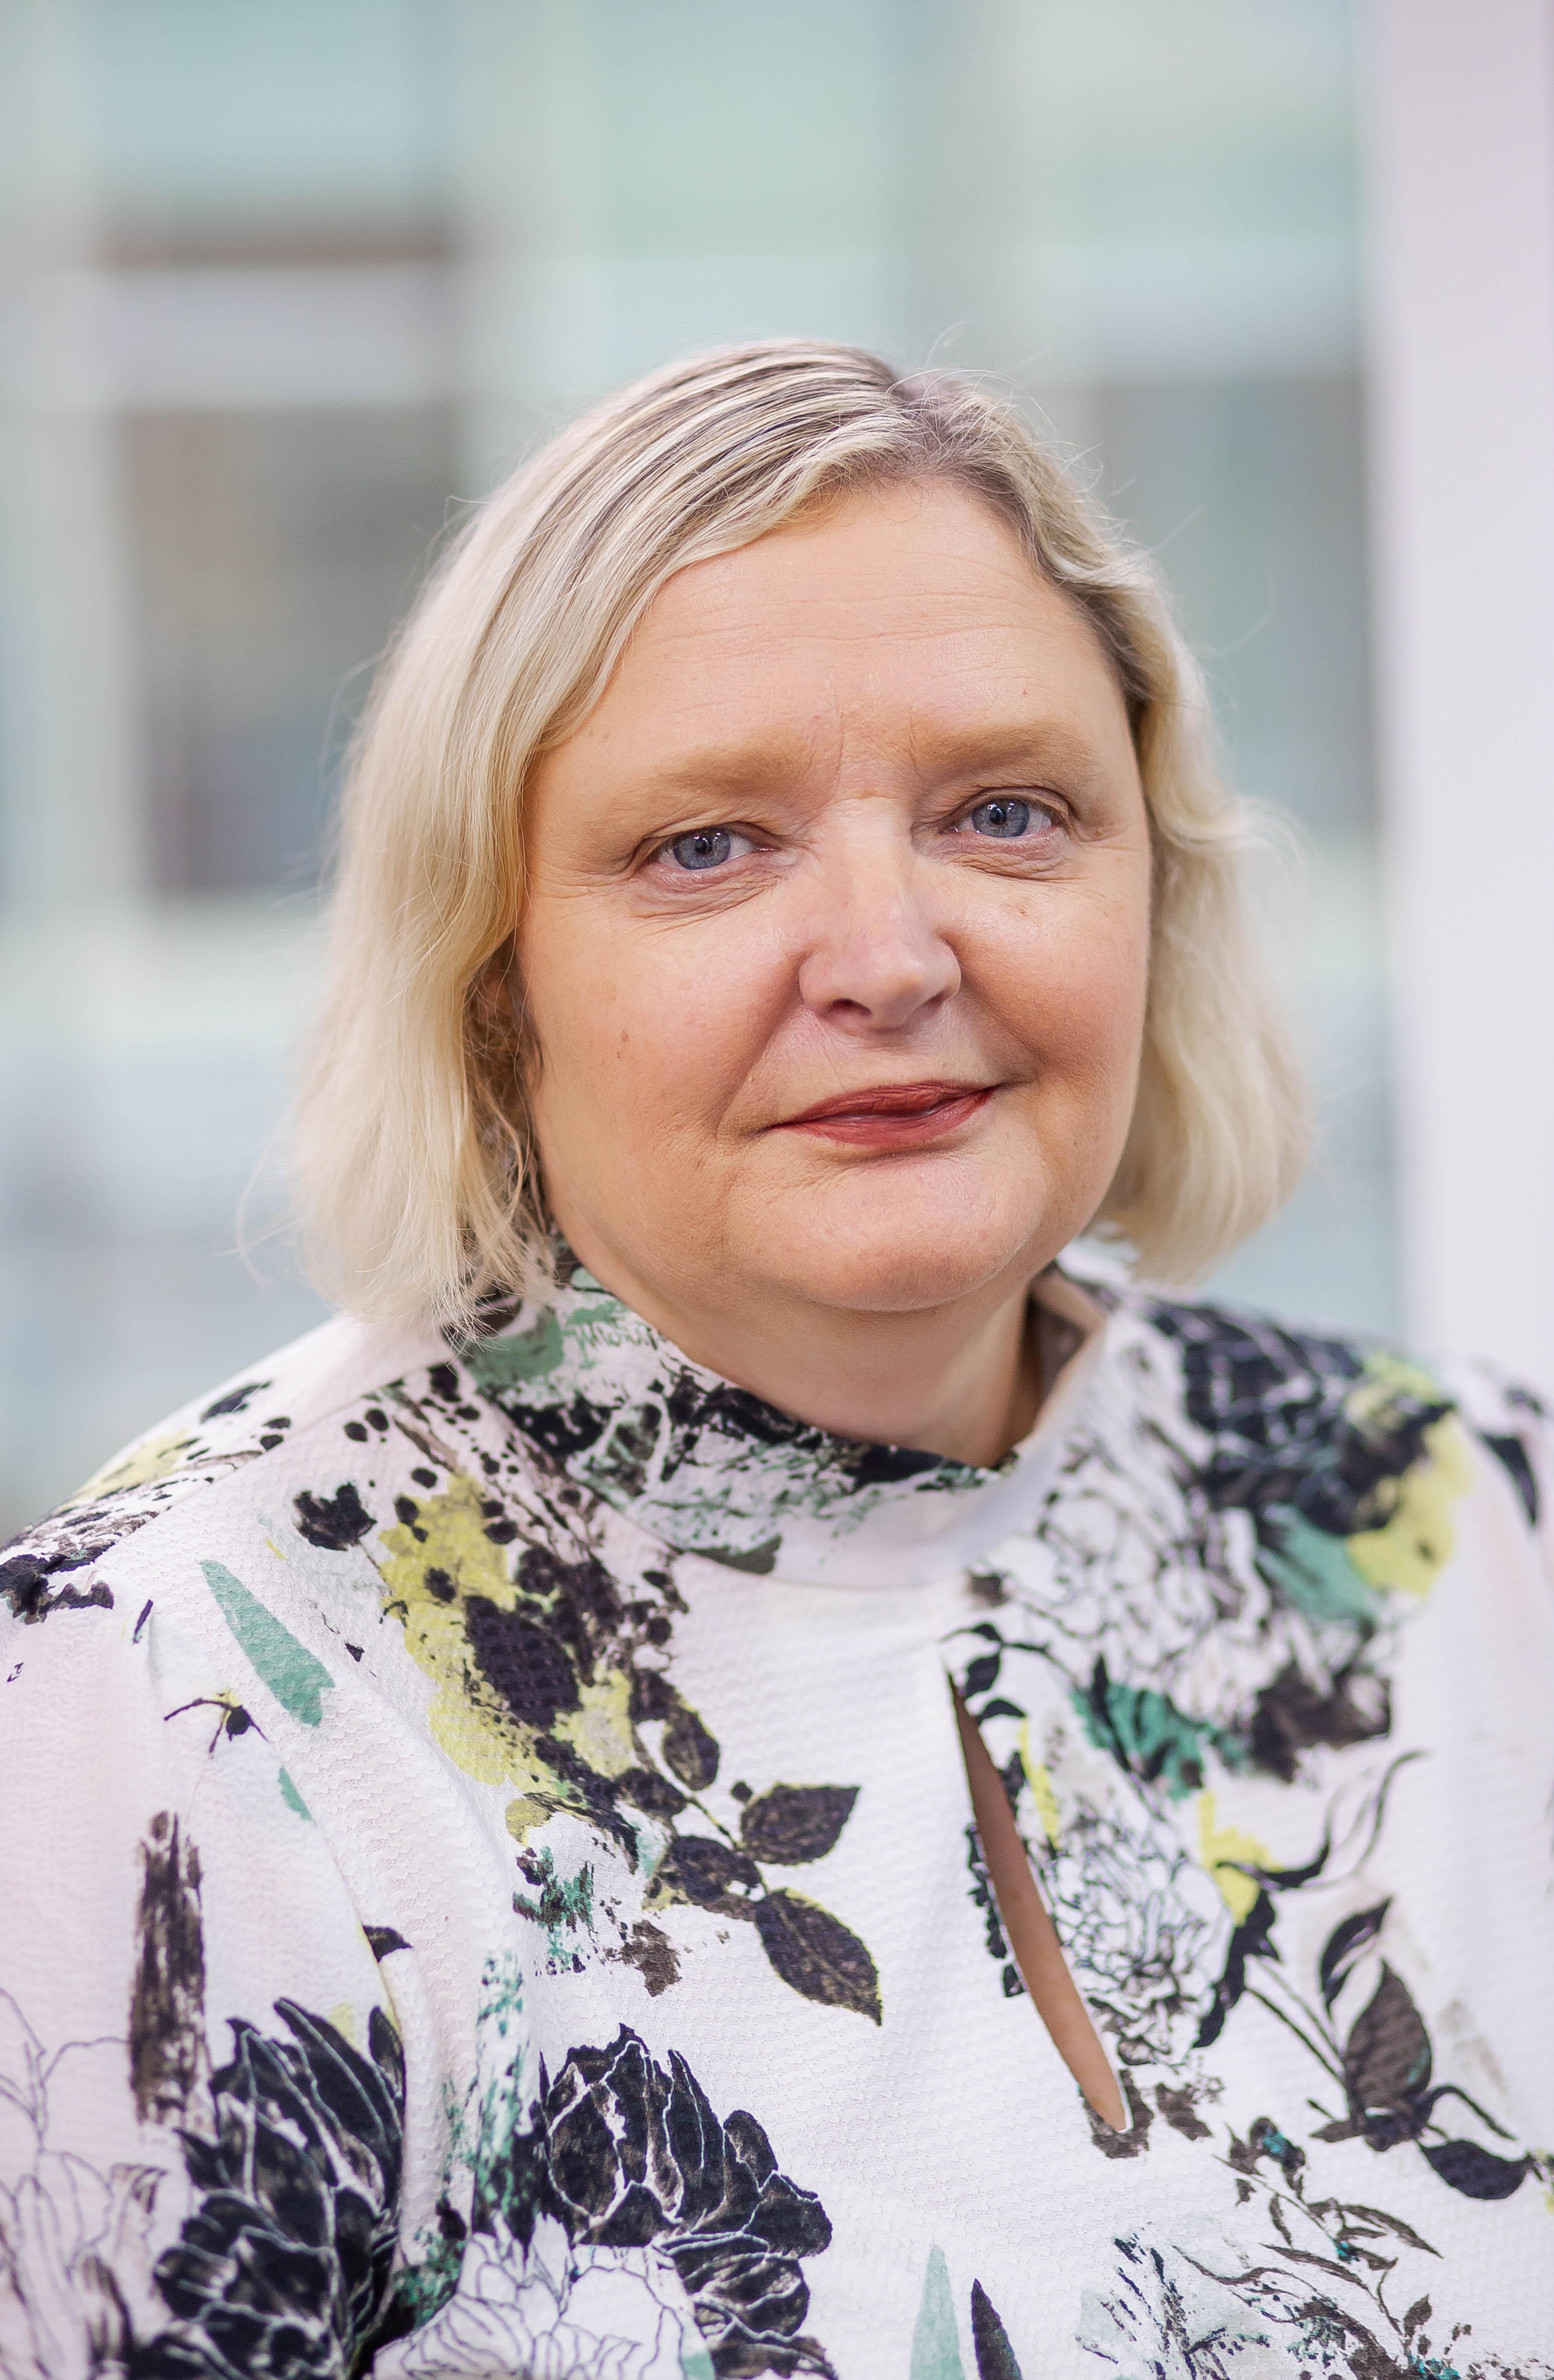 Angela Parkin